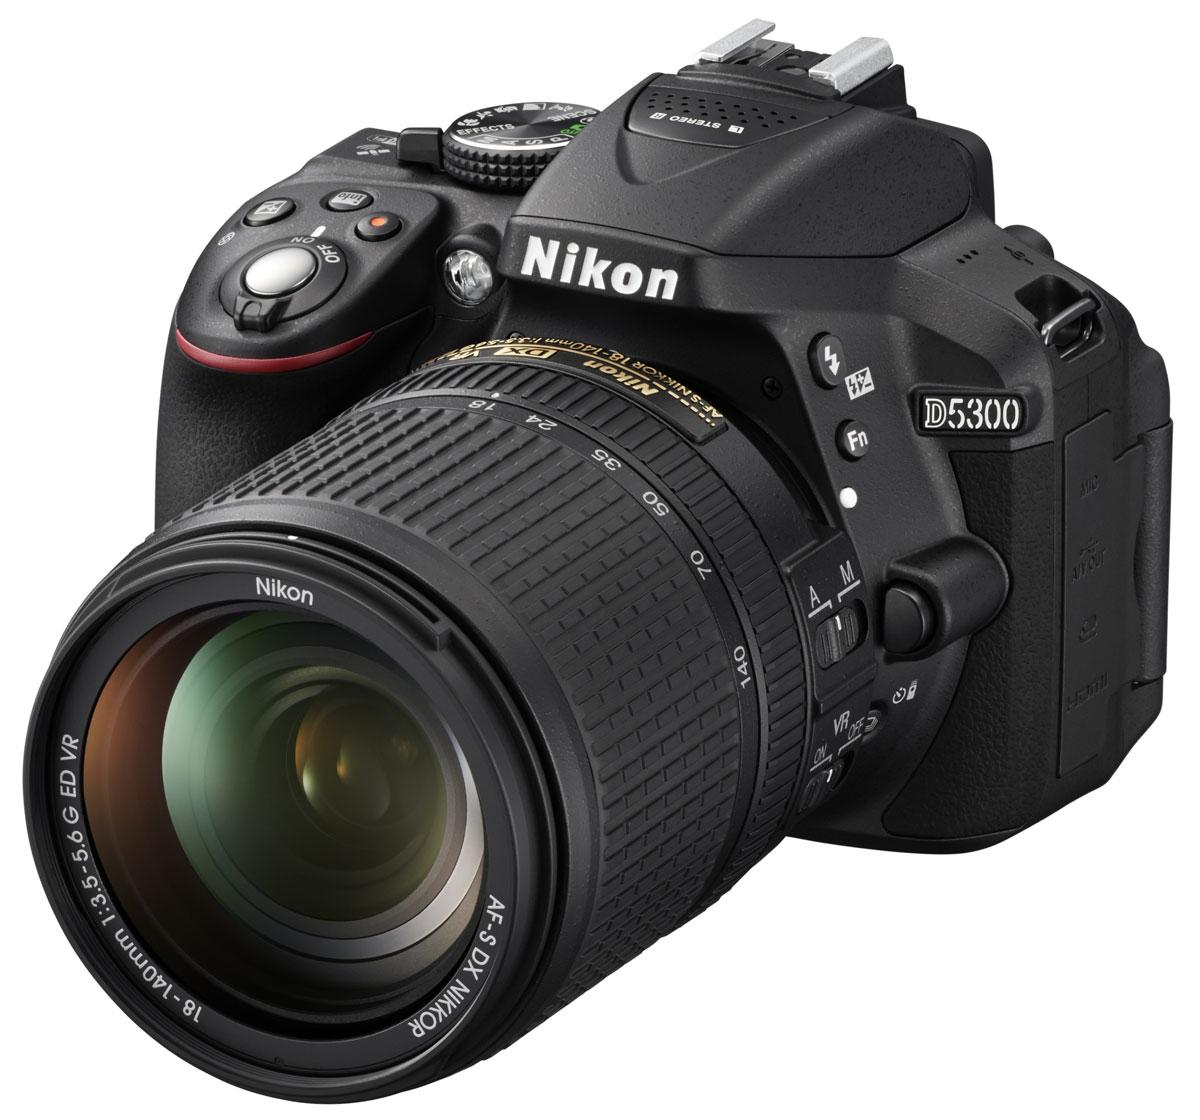 Nikon D5300 Kit 18-140 VR, Black цифровая зеркальная фотокамера